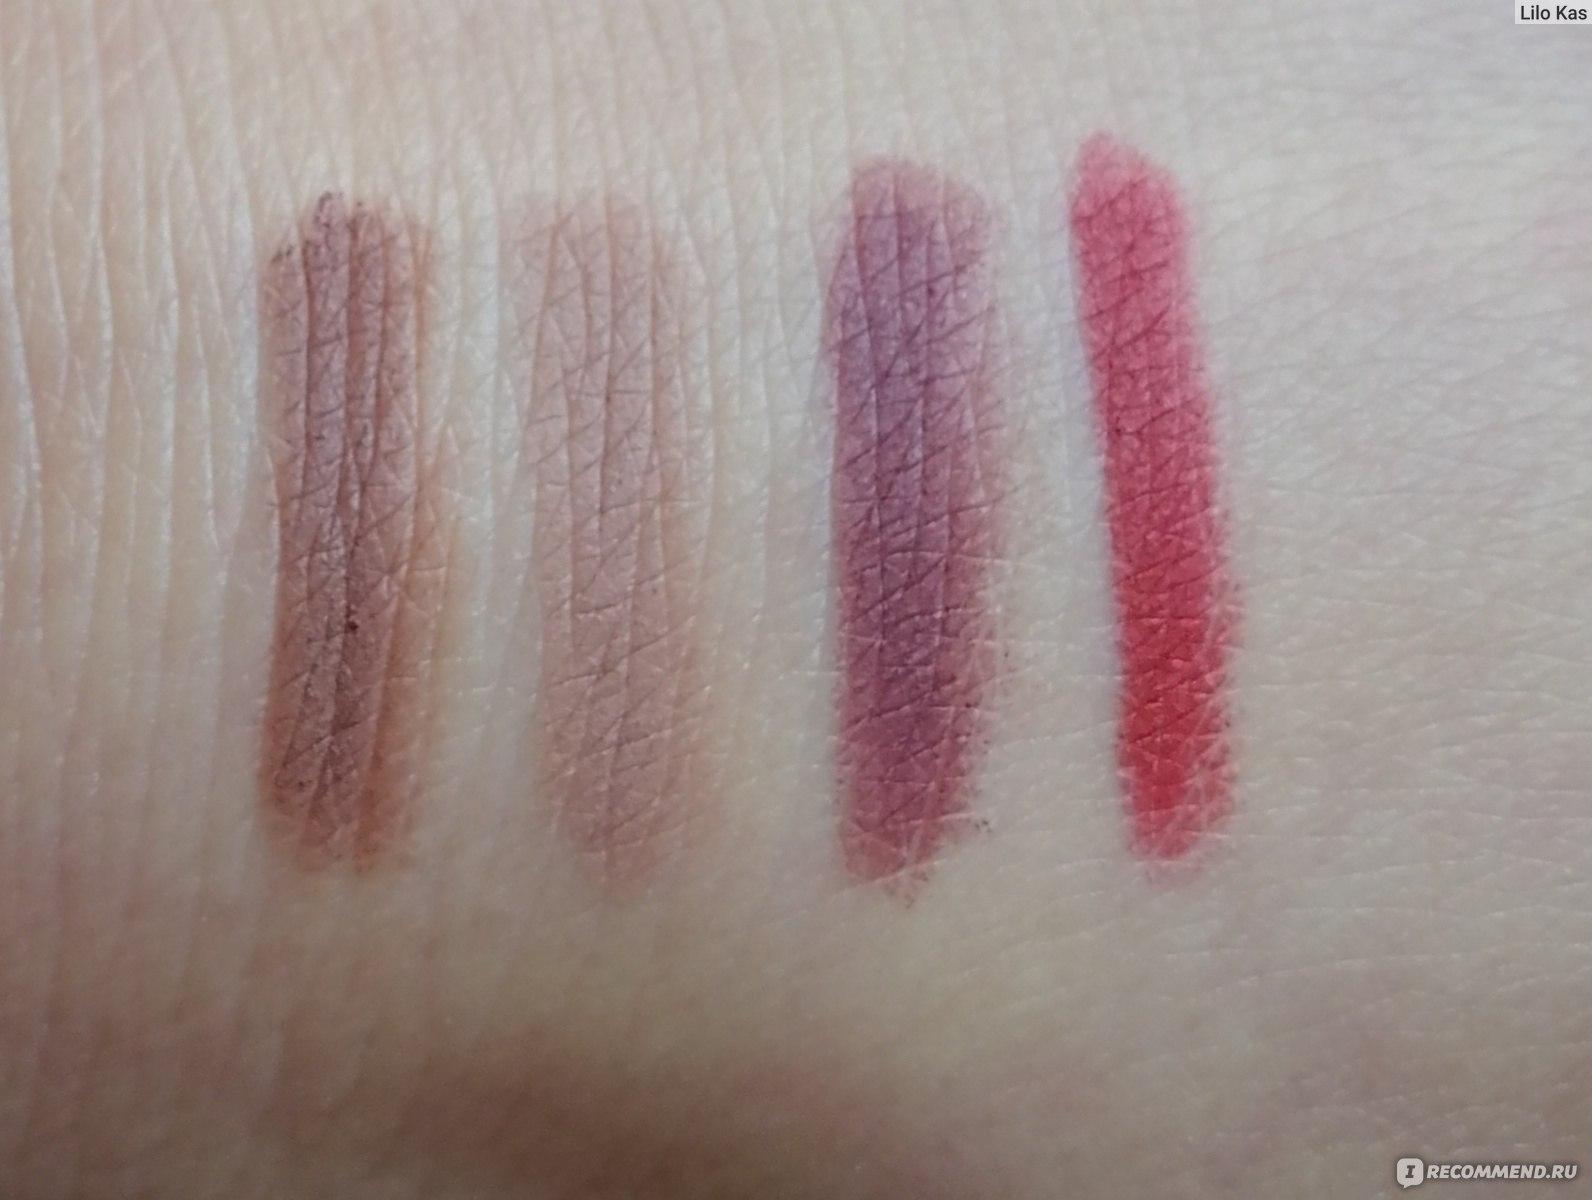 Nyx Lip Lingerie Liquid Lipstick №09 & Nyx Slim Lip Pencil